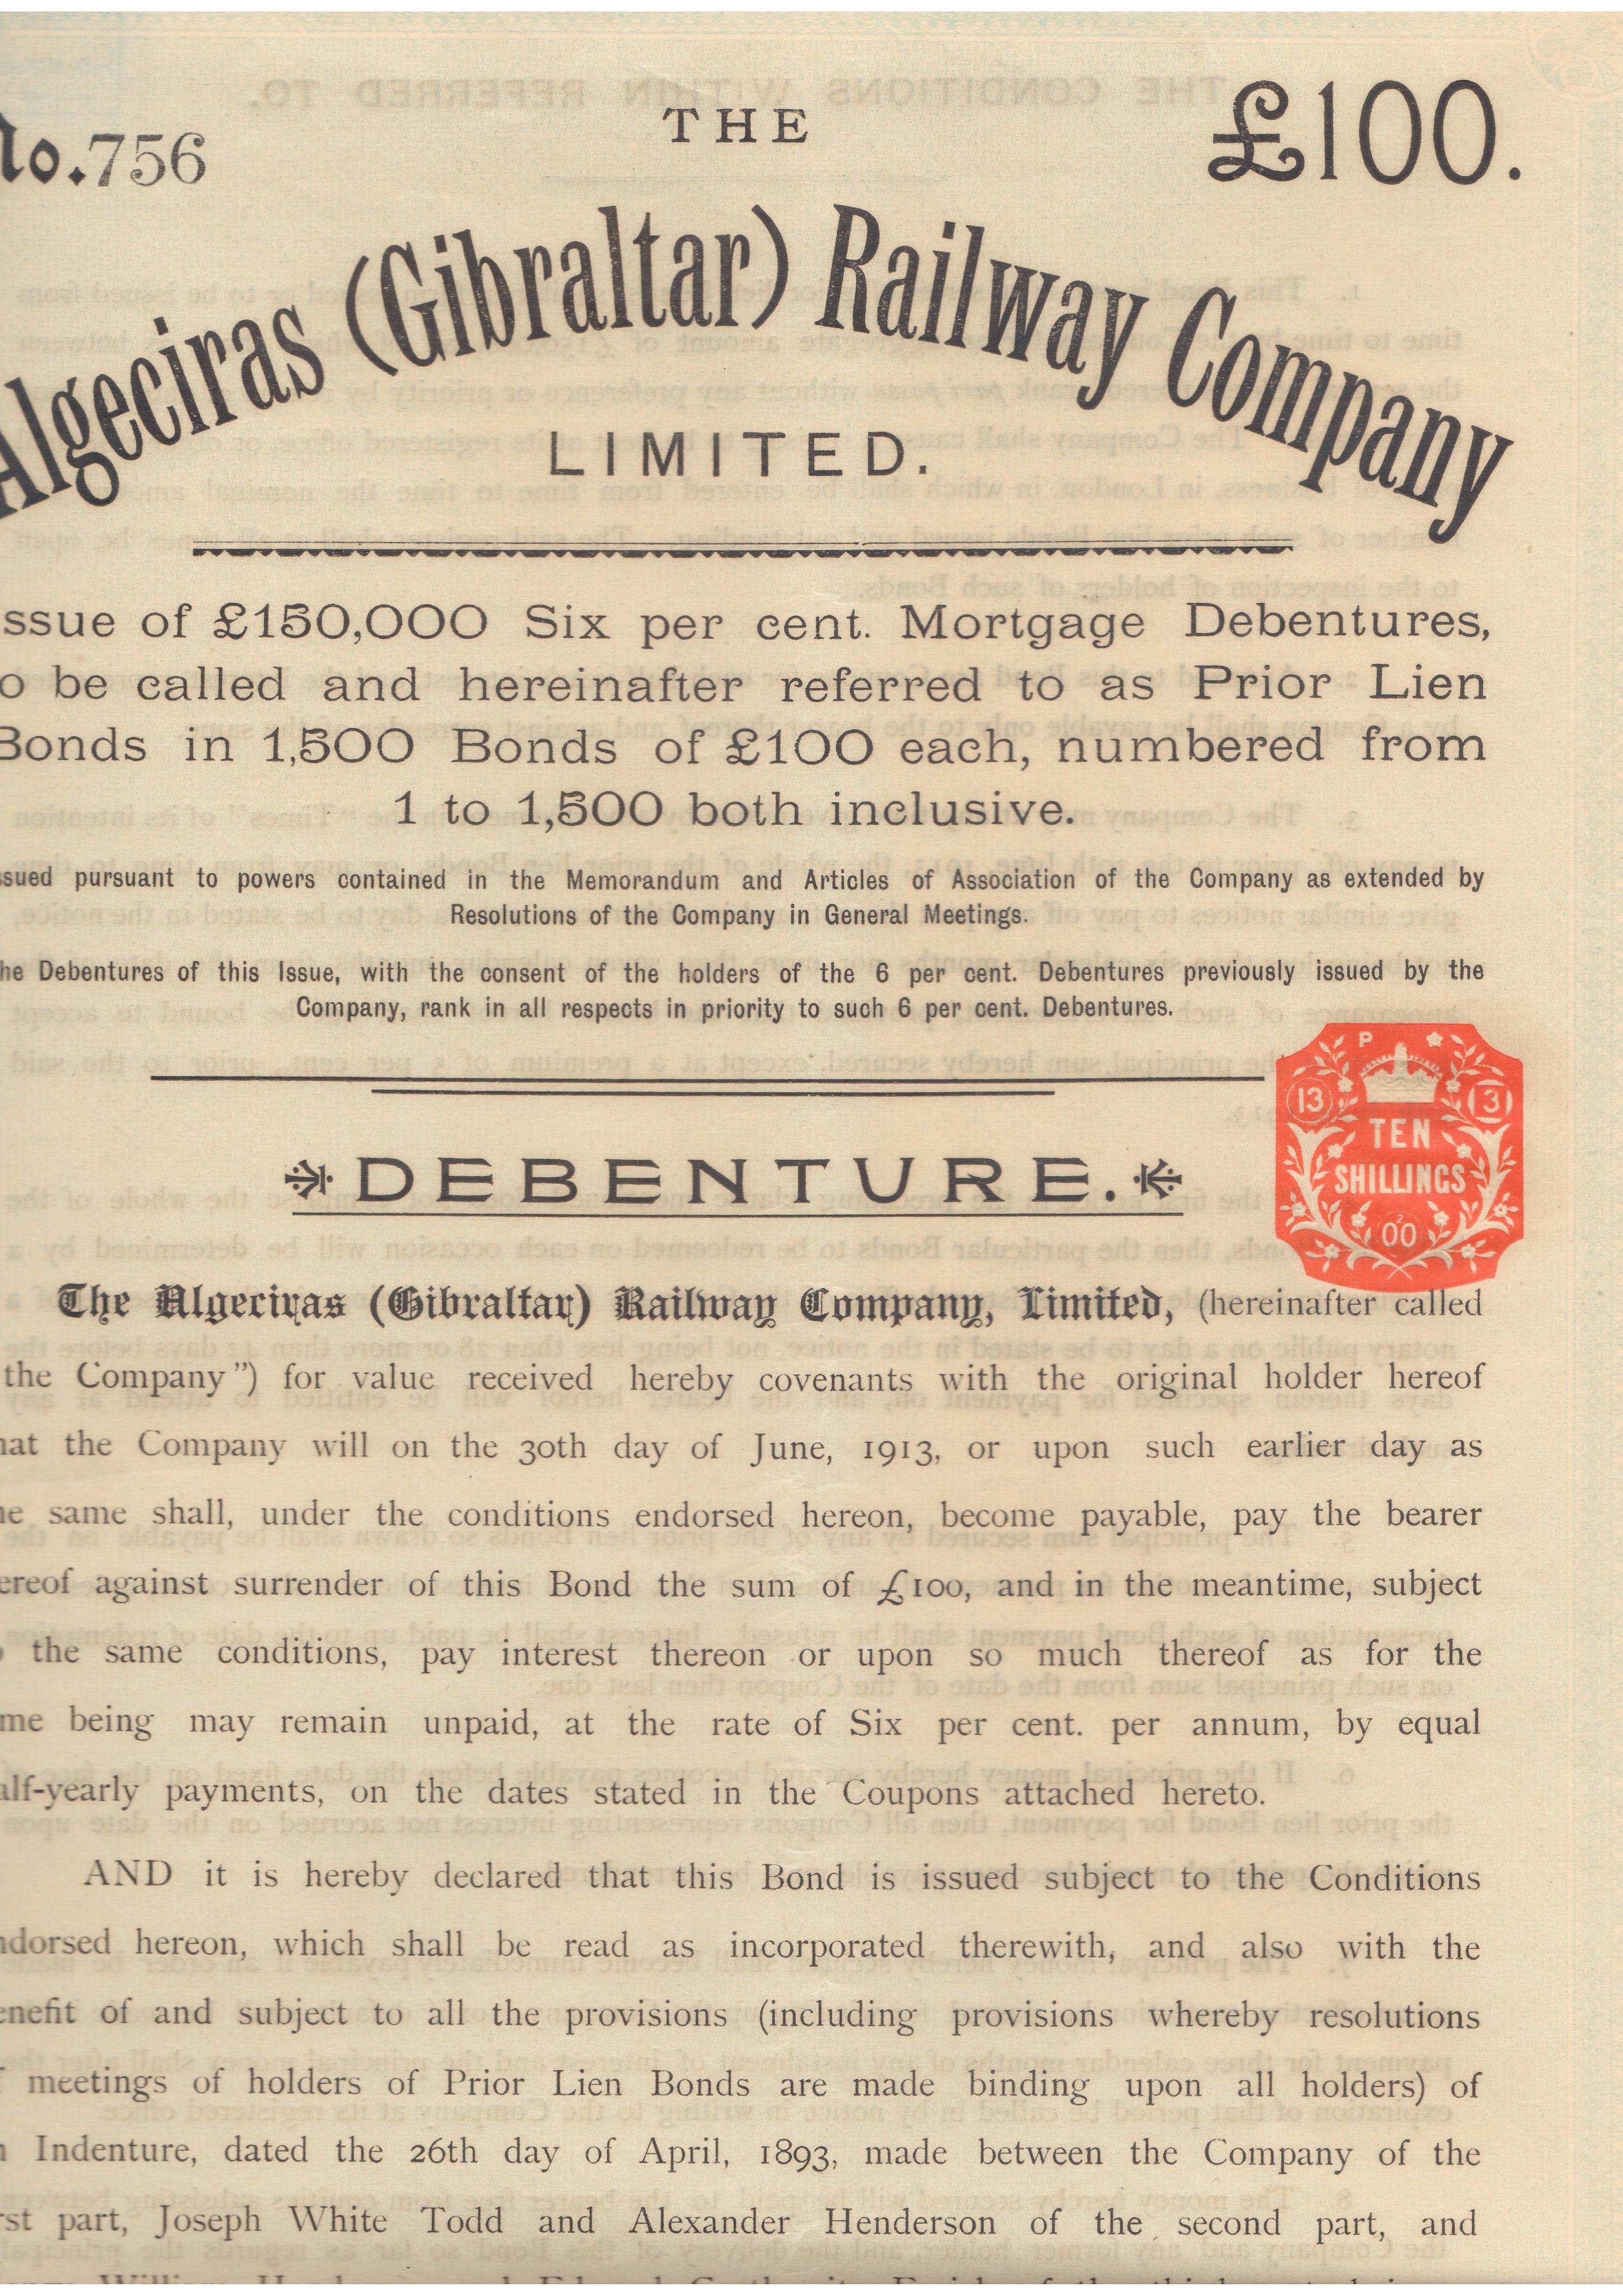 Algeciras (Gibraltar) Railway Company